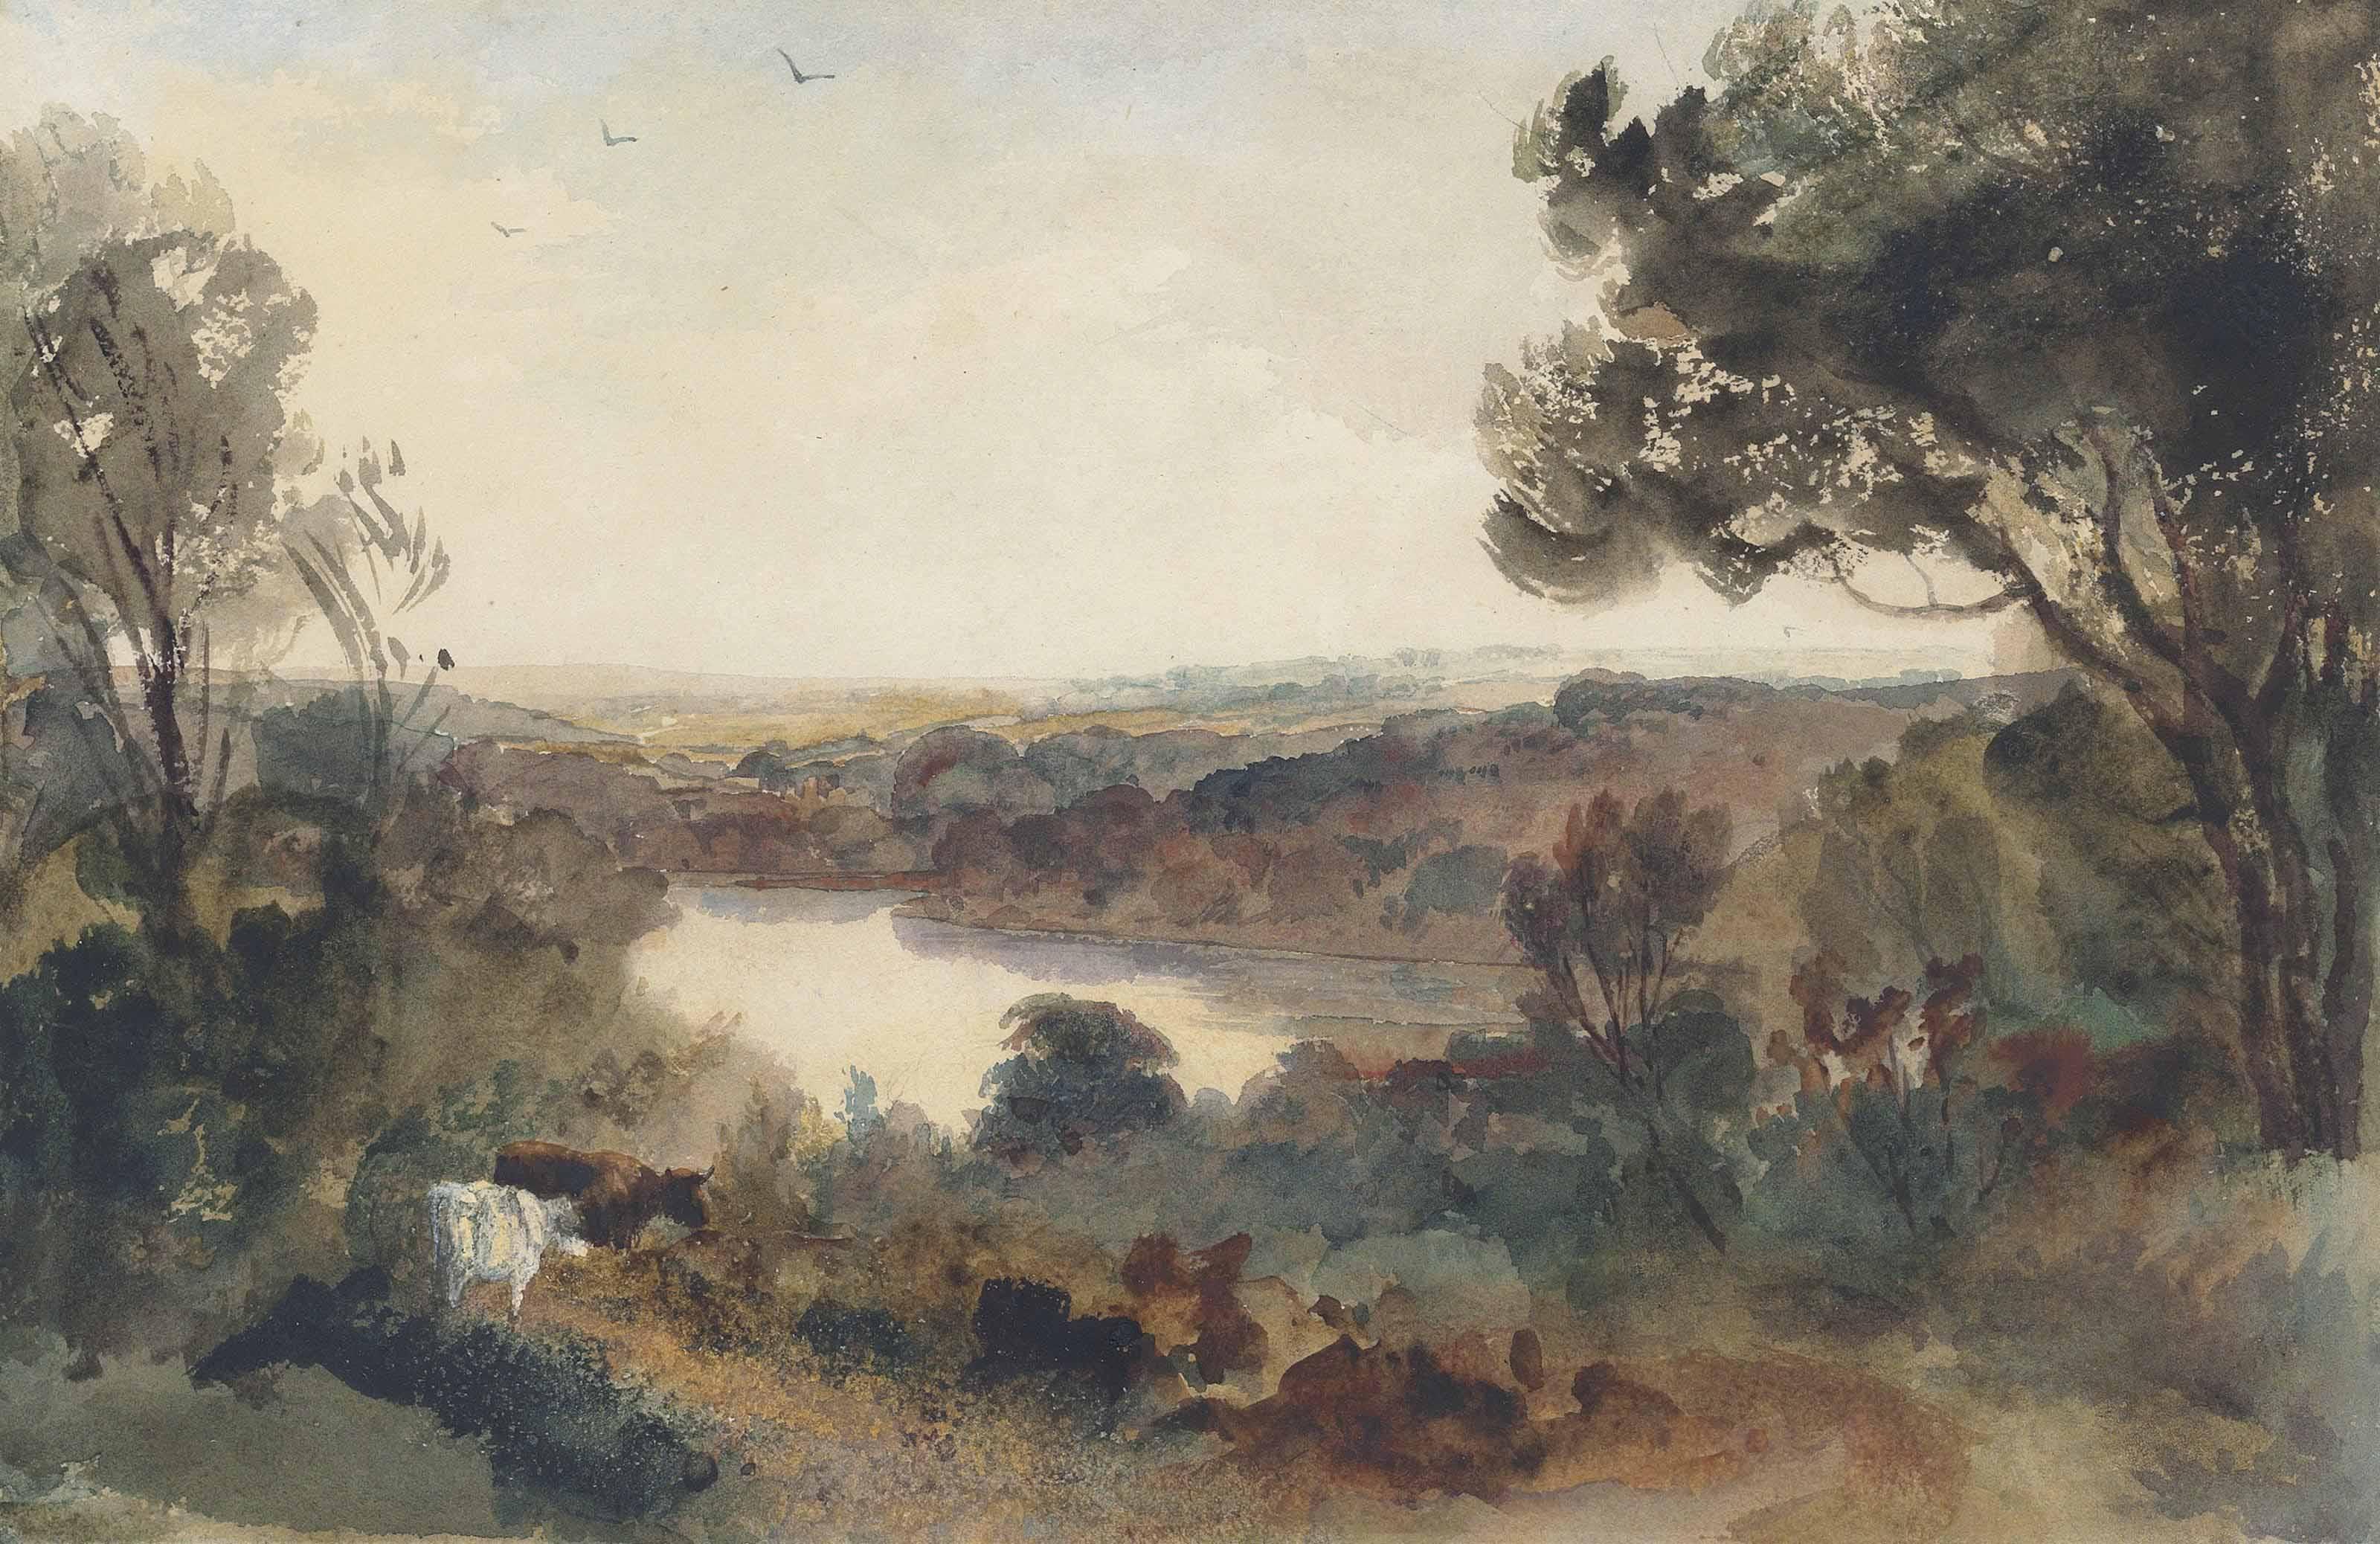 Peter de Wint, O.W.S. (Hanley 1784-1849 London)